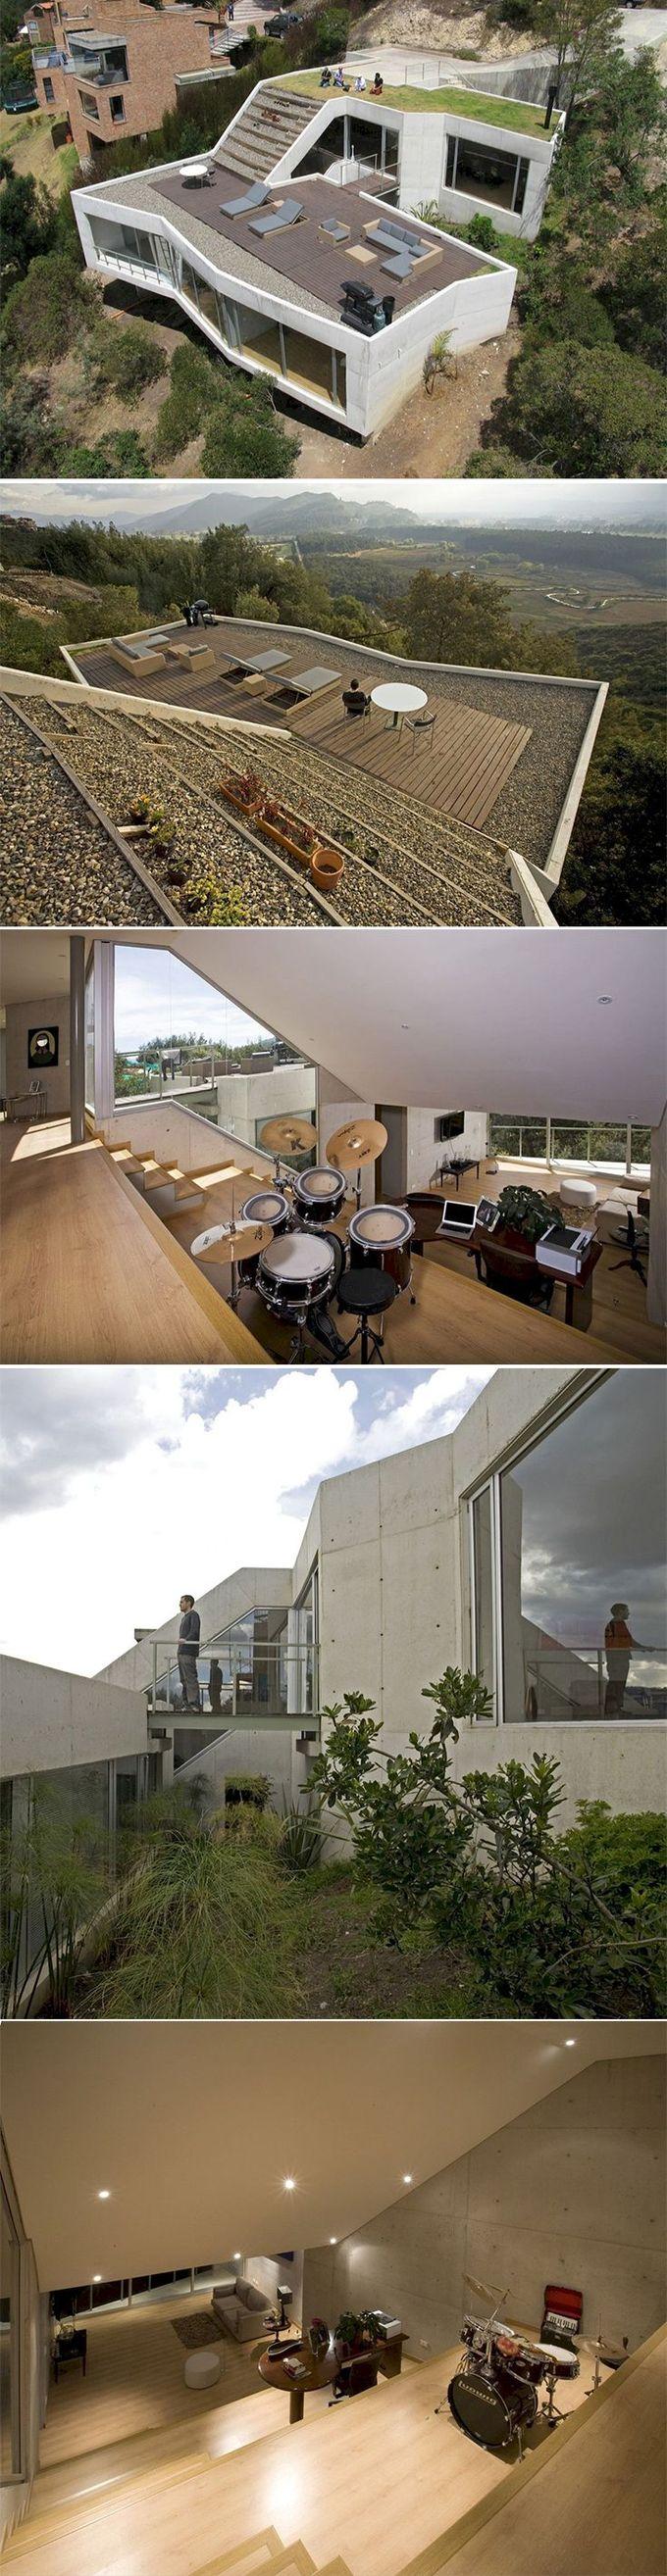 由Giancarlo Mazzanti + Plan B Arquitectos设计,V House享有原生花园和波哥大附近Sopo县湿地的远景。